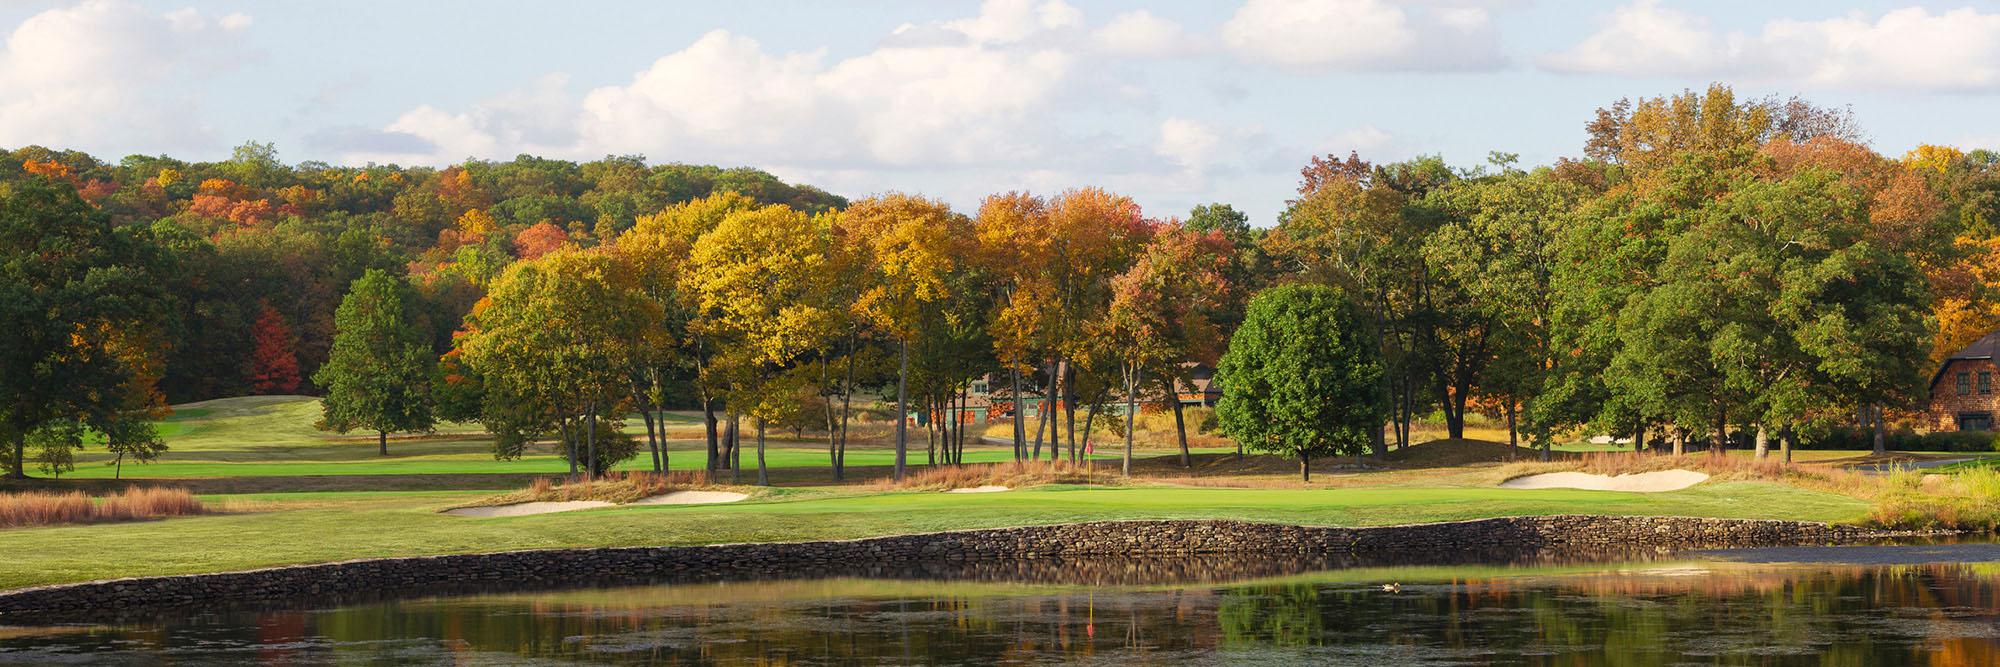 Golf Course Image - The Tuxedo Club No. 6